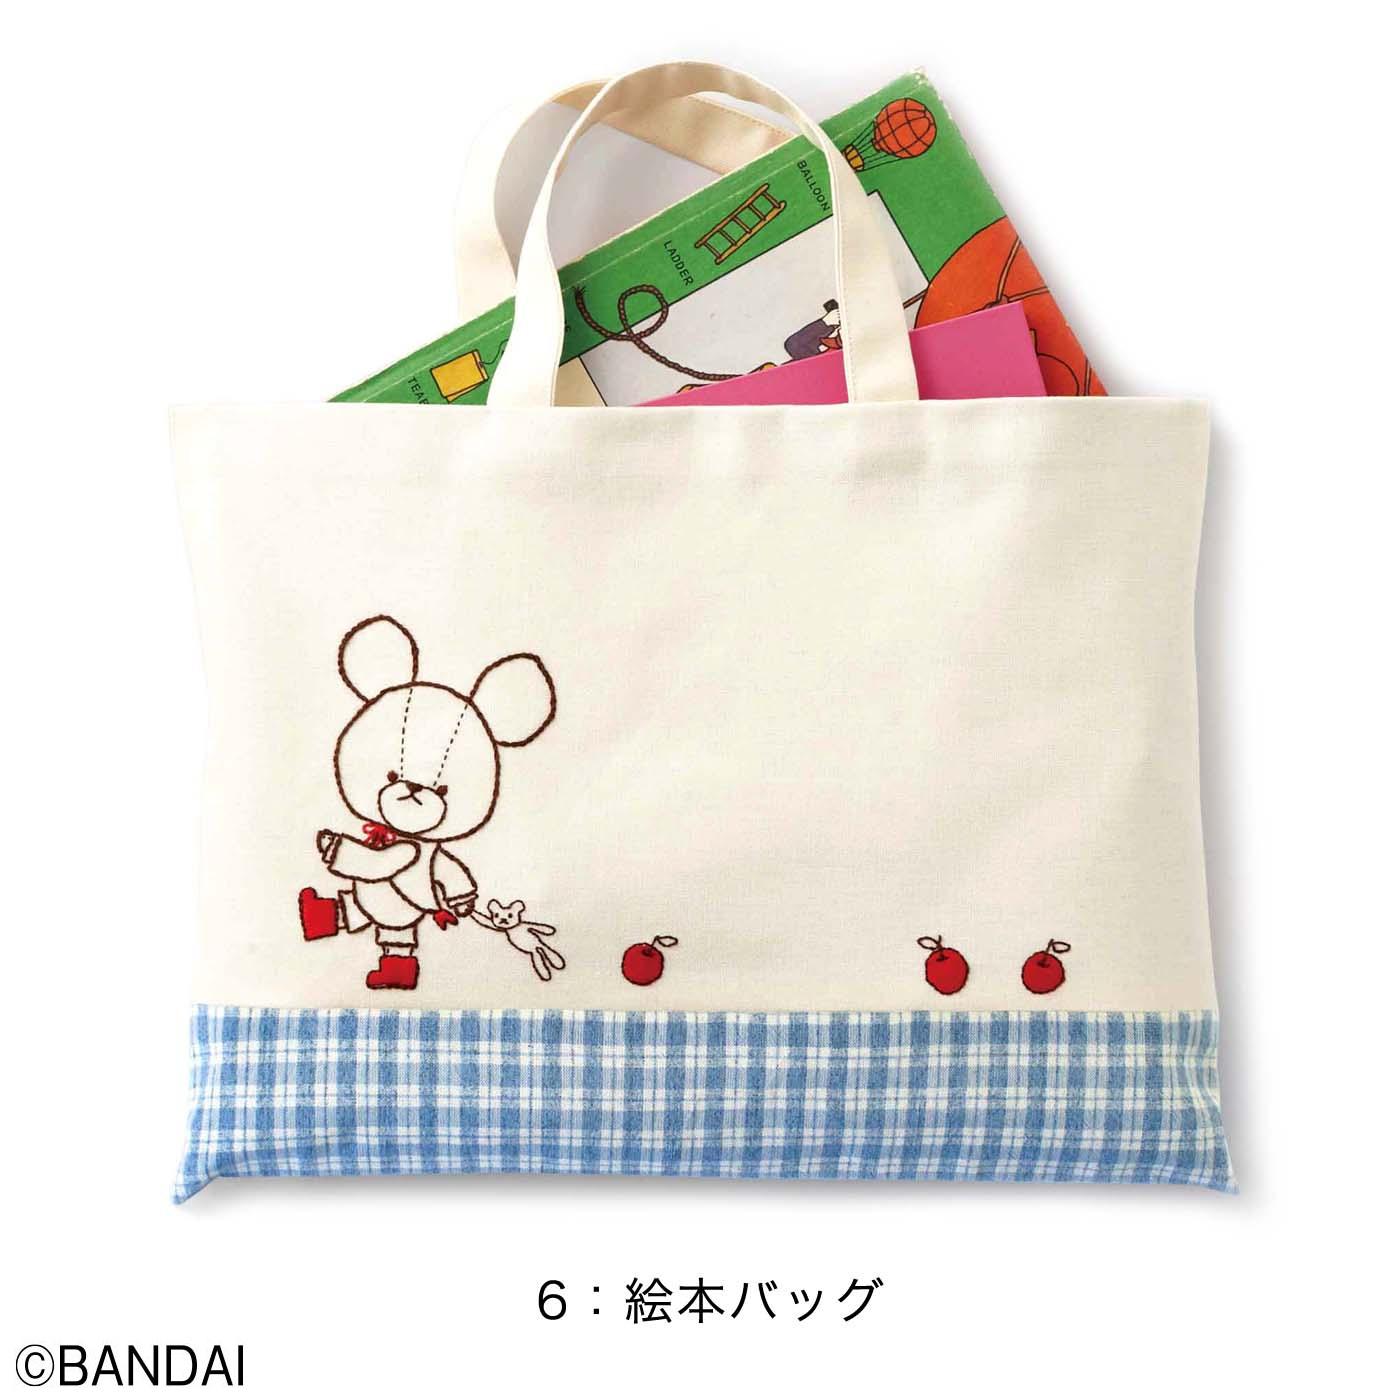 絵本バッグ:縦約25cm、横約34cm(持ち手含まず)